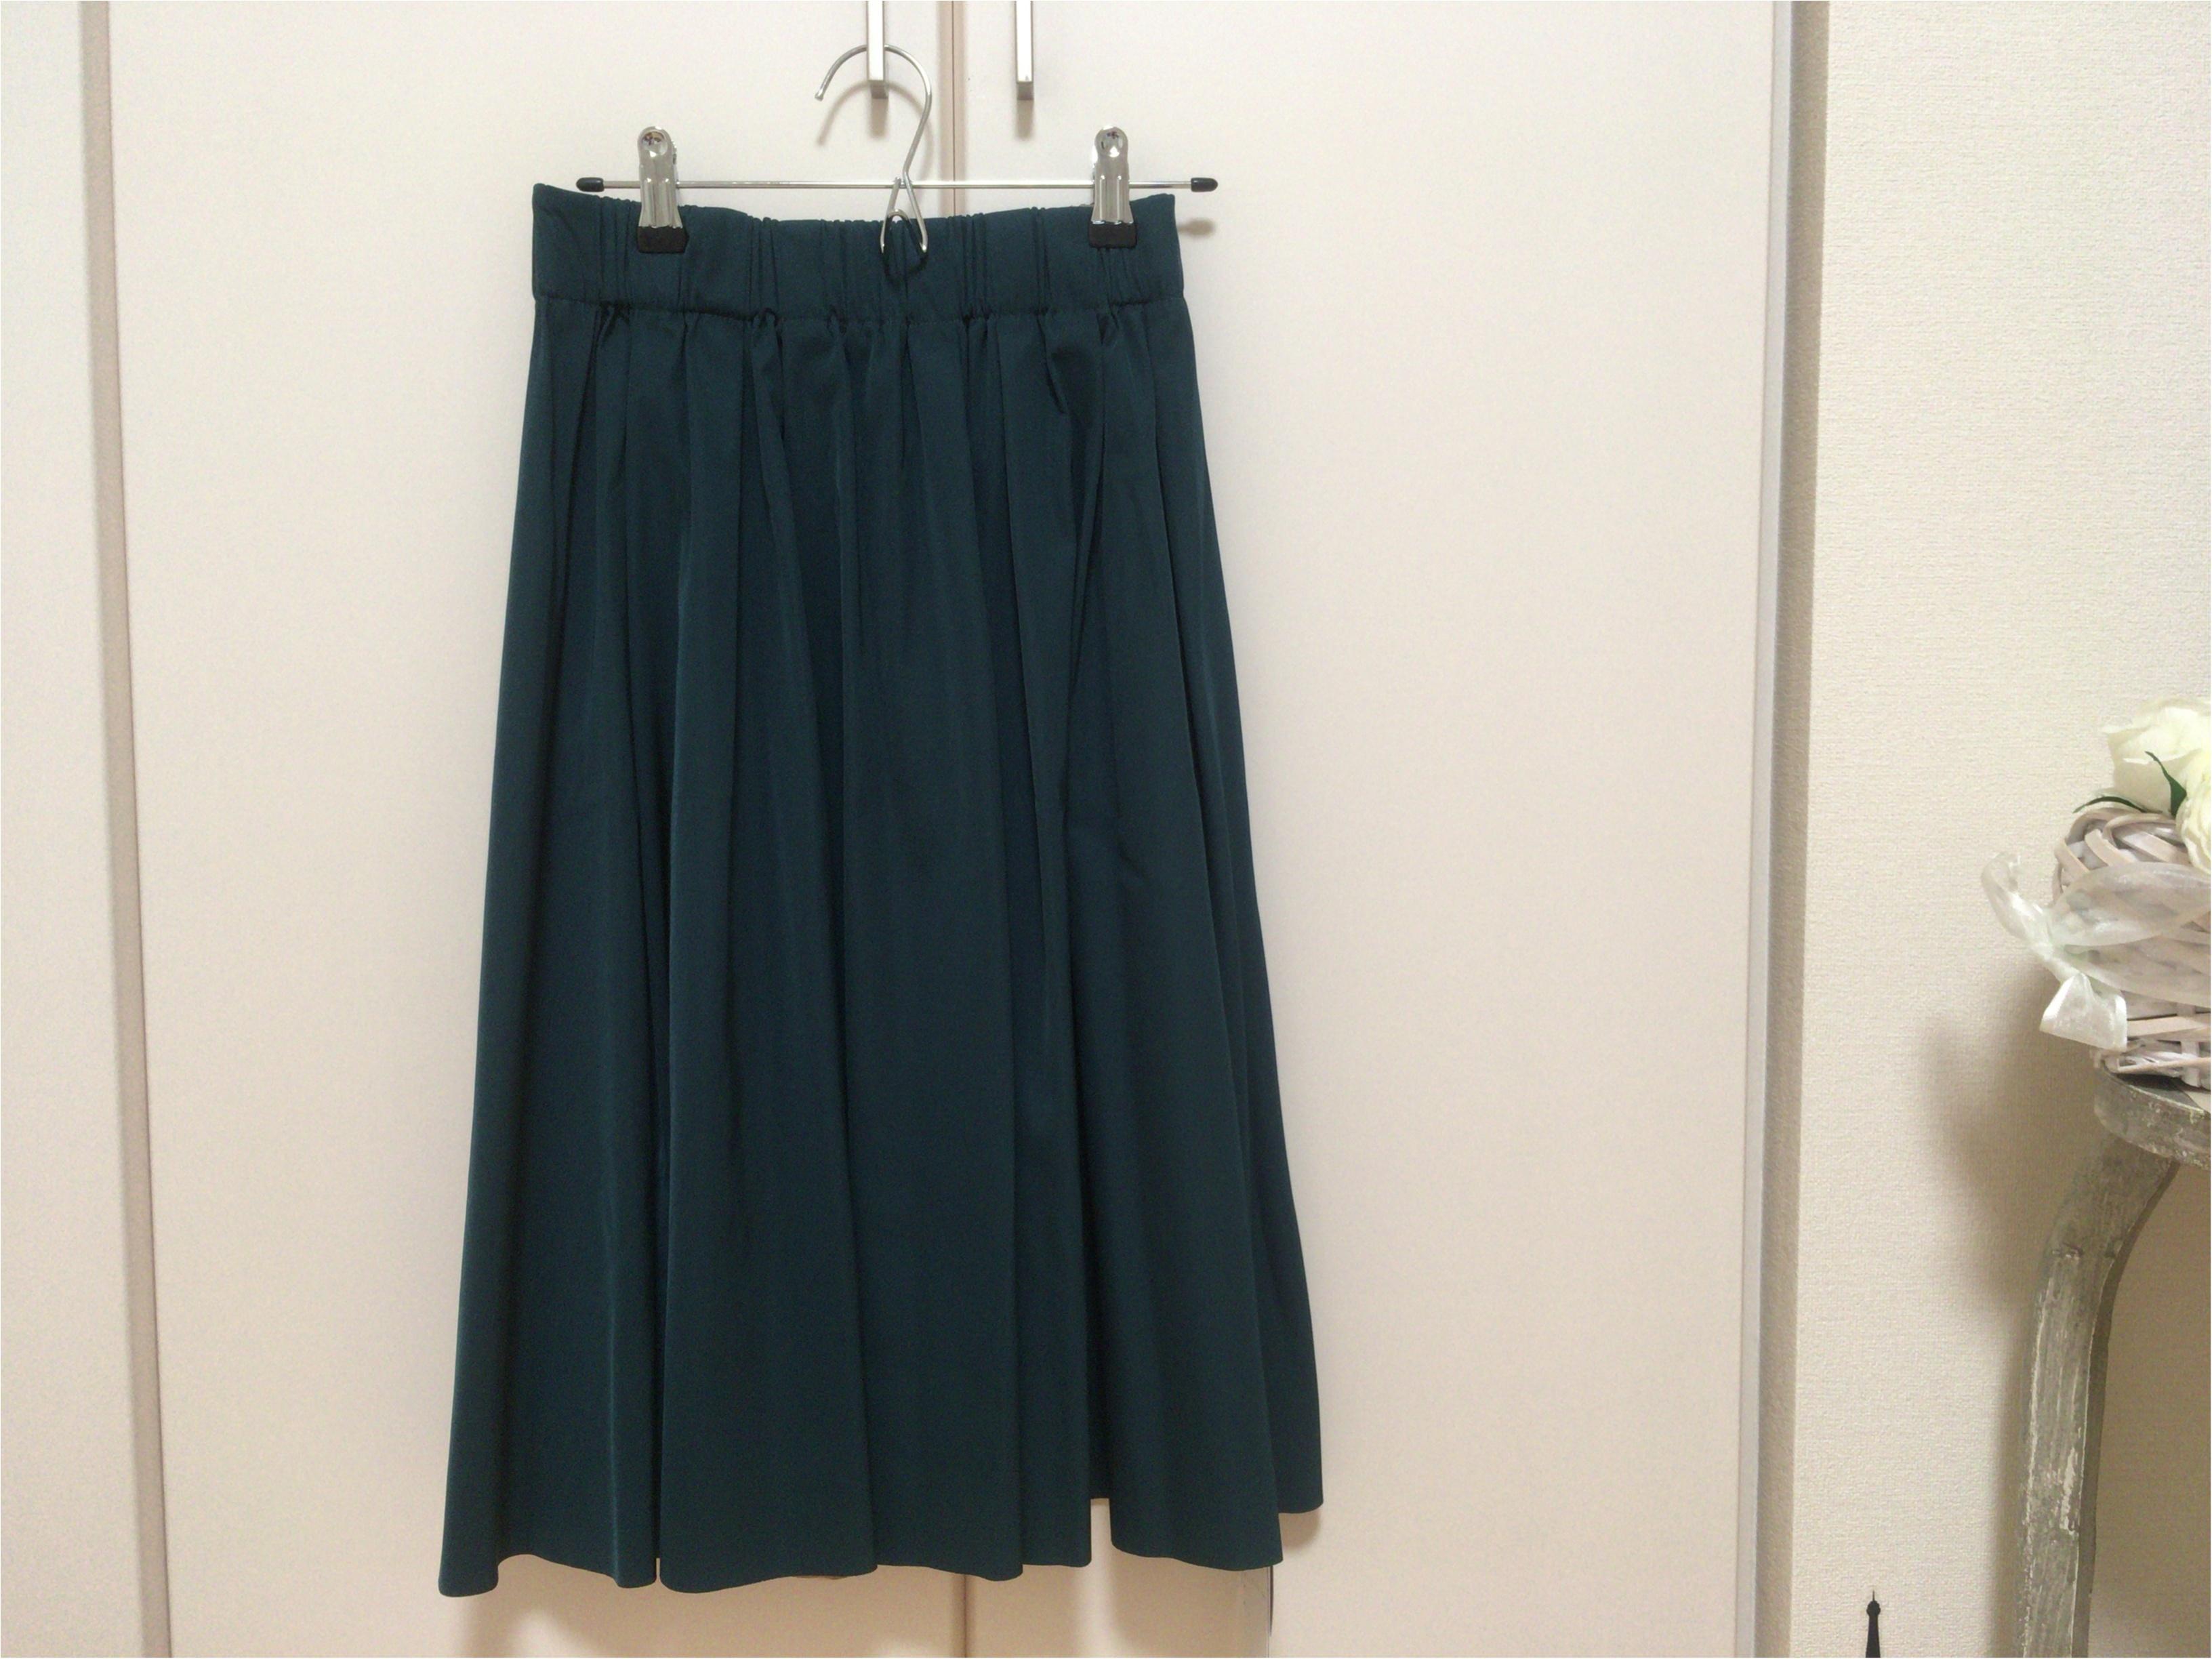 【秋冬トレンド】『深みグリーン』と定番『ベージュ』2wayスカートで通勤オフィスコーデを着回し楽♡_2